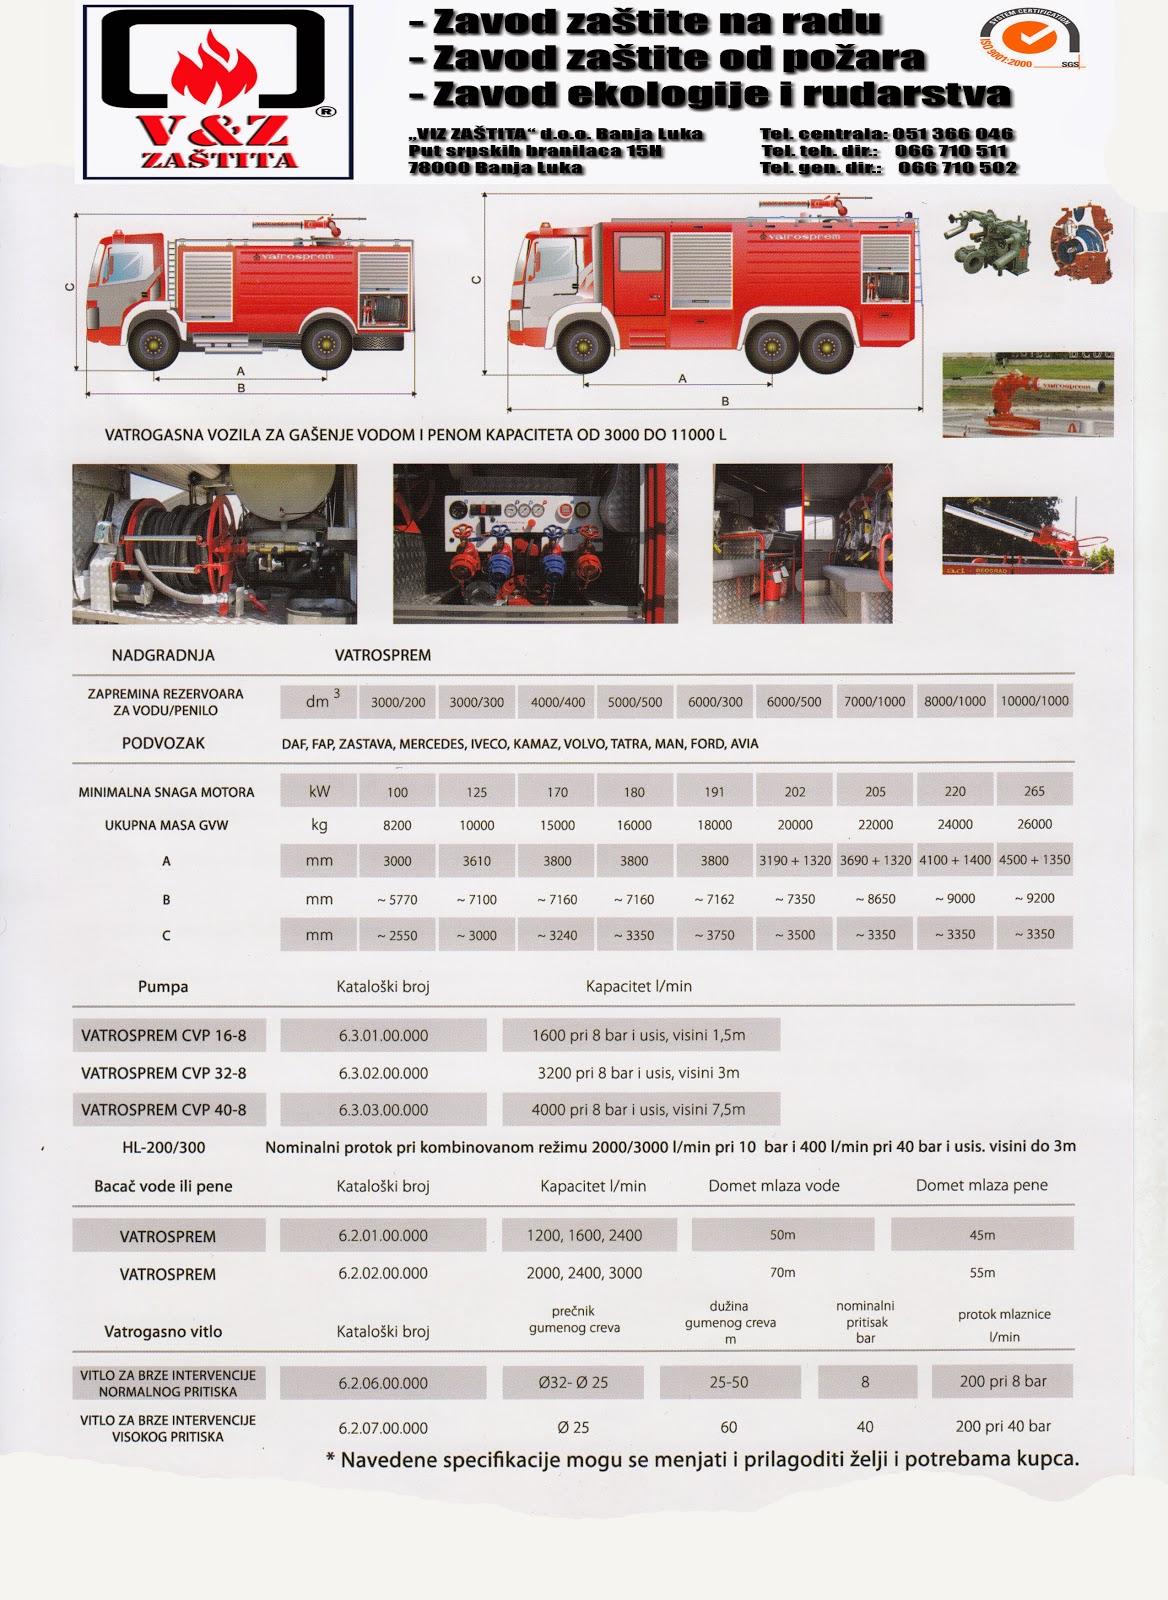 procjena ugroženosti od požara, ispitivanja ispravnosti stabilnih,  instalacija za dojavu i gašenje požara, ispitivanja ispravnosti sistema za detekciju zapaljivih plinova i para, osposobljavanje radnika, pregledi i ispitivanja gromobranskih instalacija, pregledi i ispitivanja elektroinstalacija, pregledi kotlovnica energetskih postrojenja, mjerenje i ispitivanje el. instalacija u «Ex» izvedbi .....